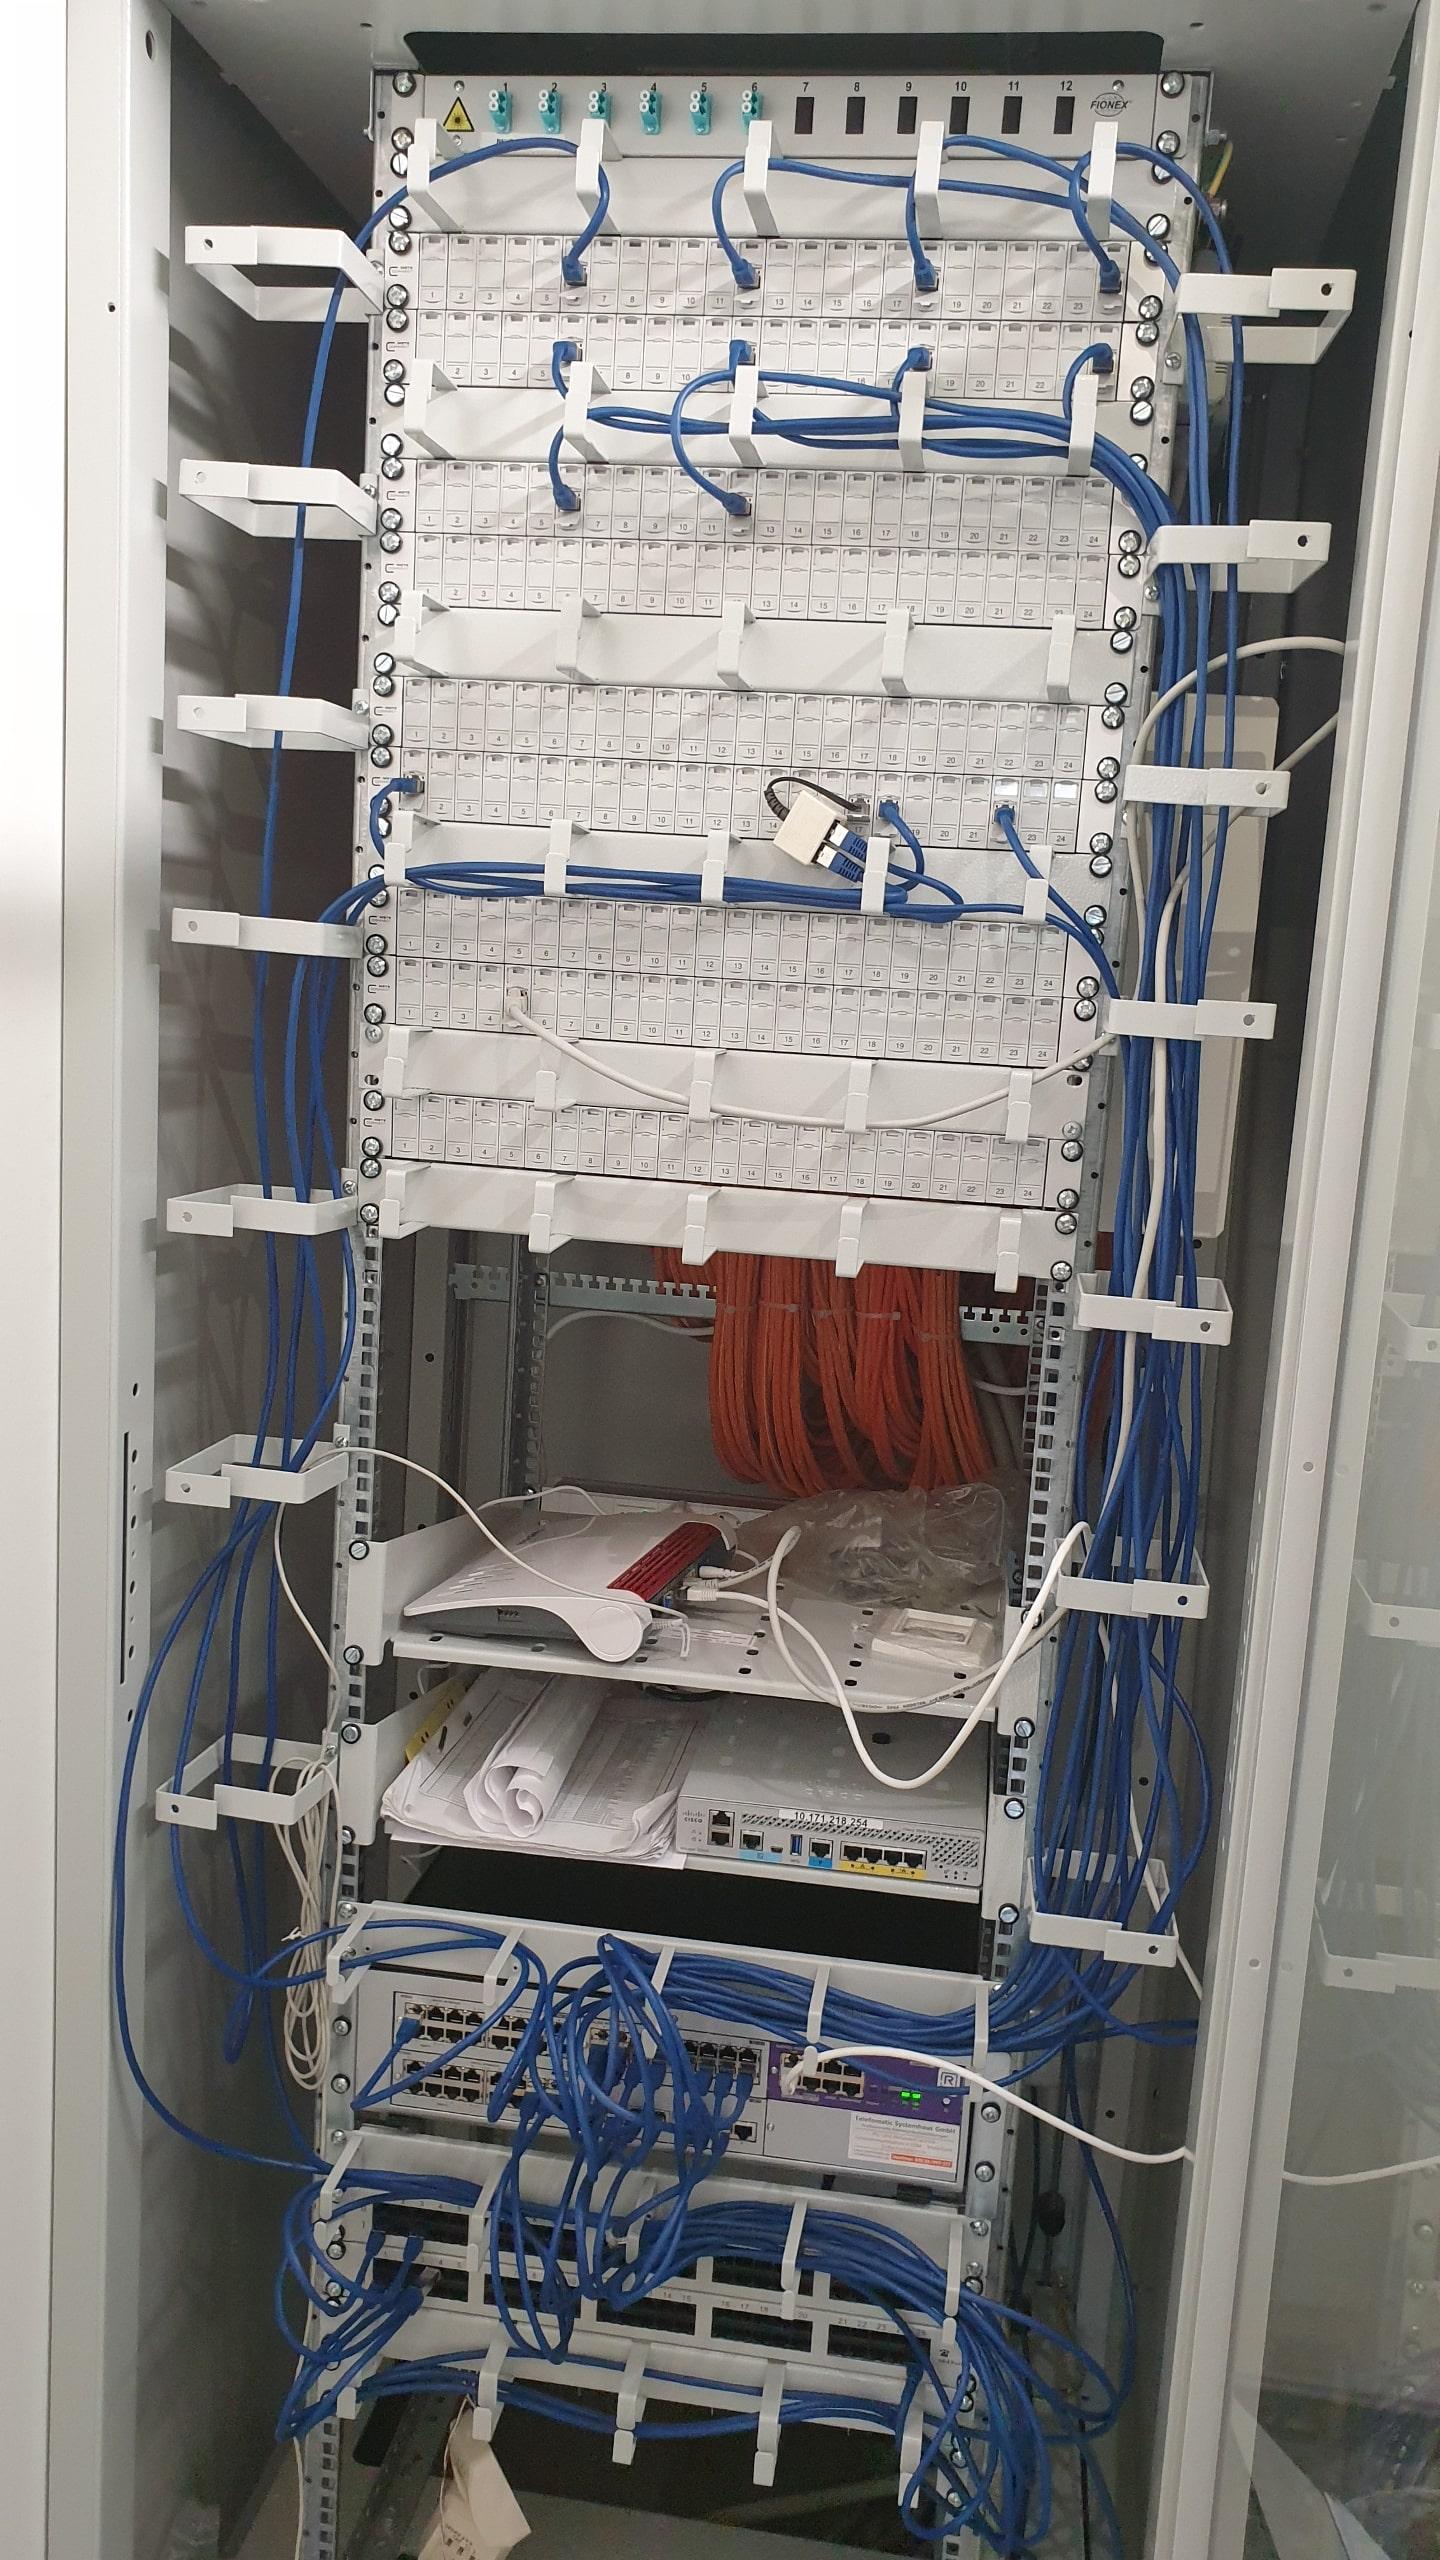 Serverschrank mit Patchkabeln